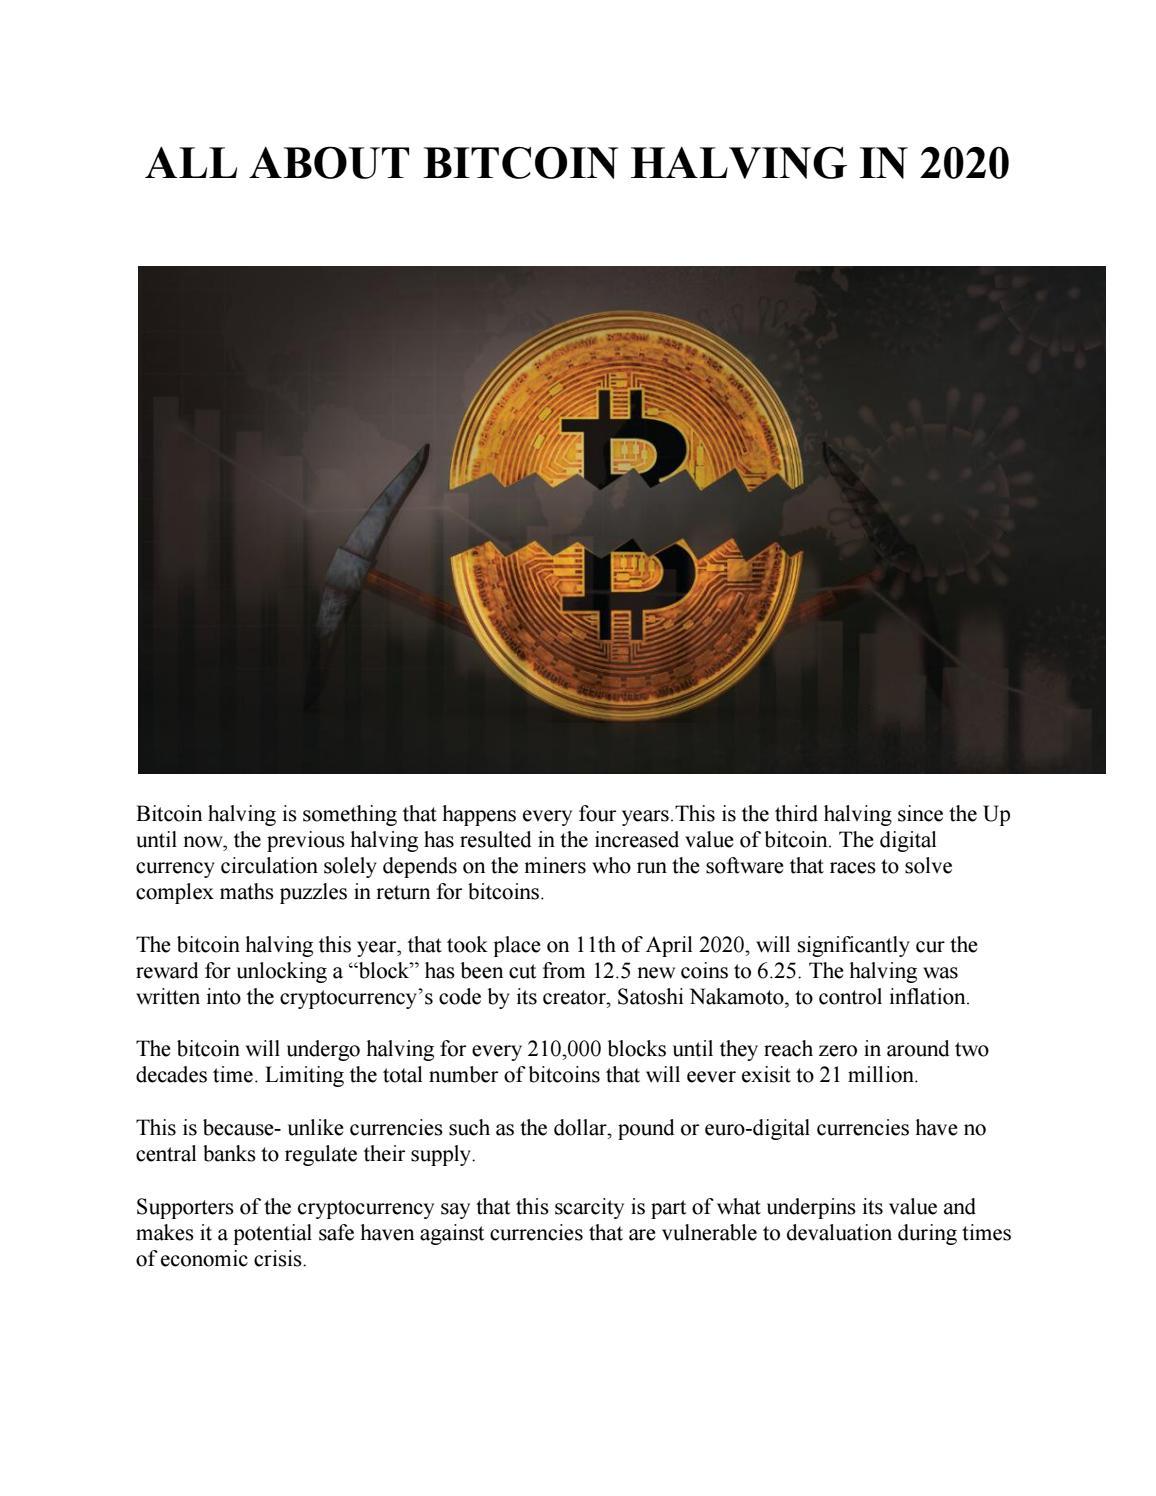 are cryptocurrencies no circulation supply